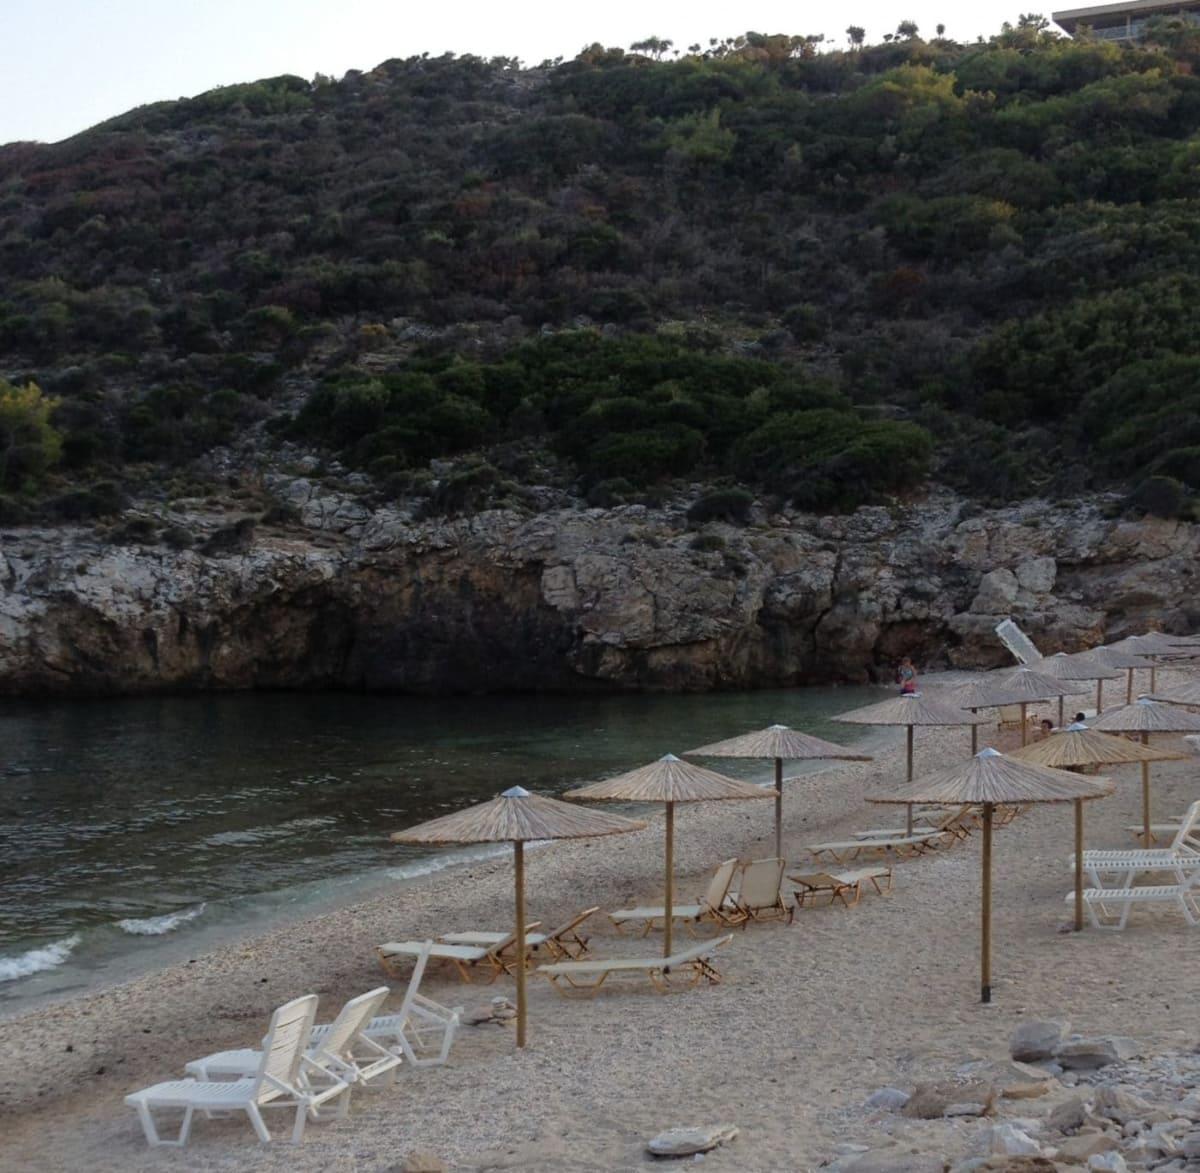 Ποιοι είναι οι κανόνες και οι οδηγίες για τις οργανωμένες παραλίες